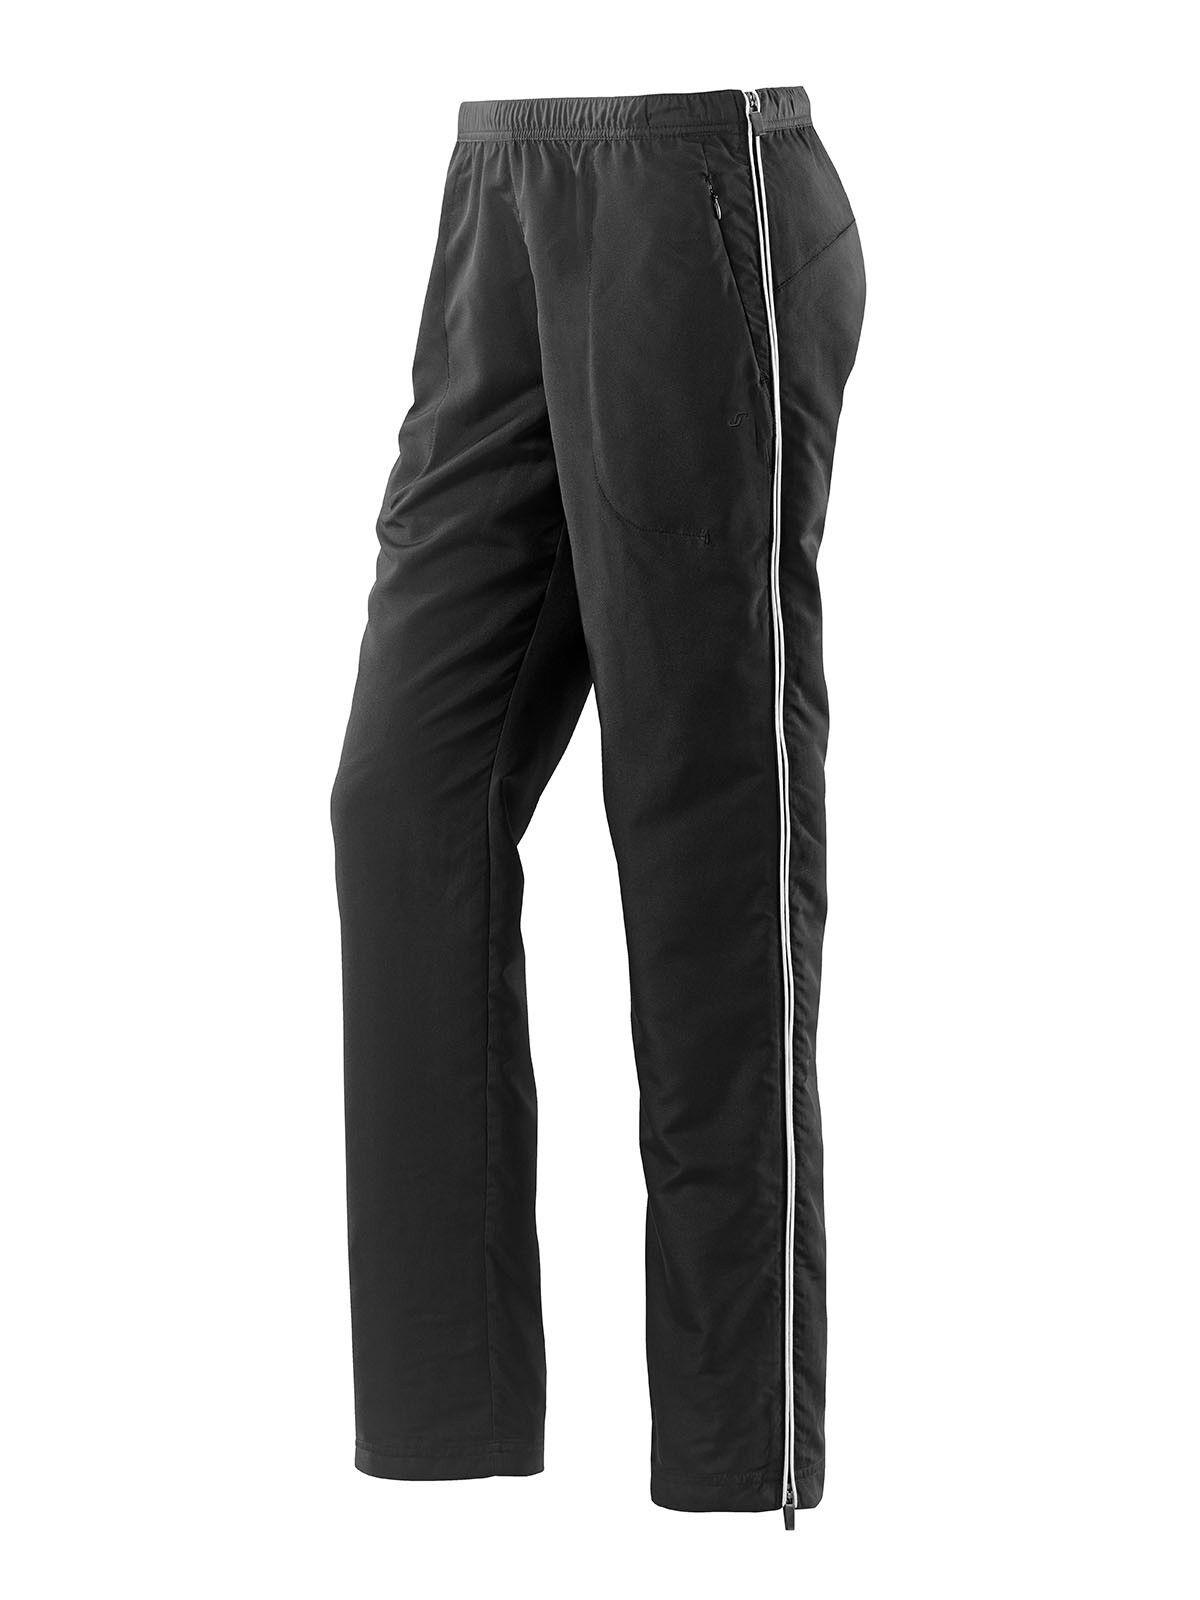 Joy - - - Damen Sport und Freizeit Hose mit seitlichem Reißverschuss Merrit (942) 7a7a4d